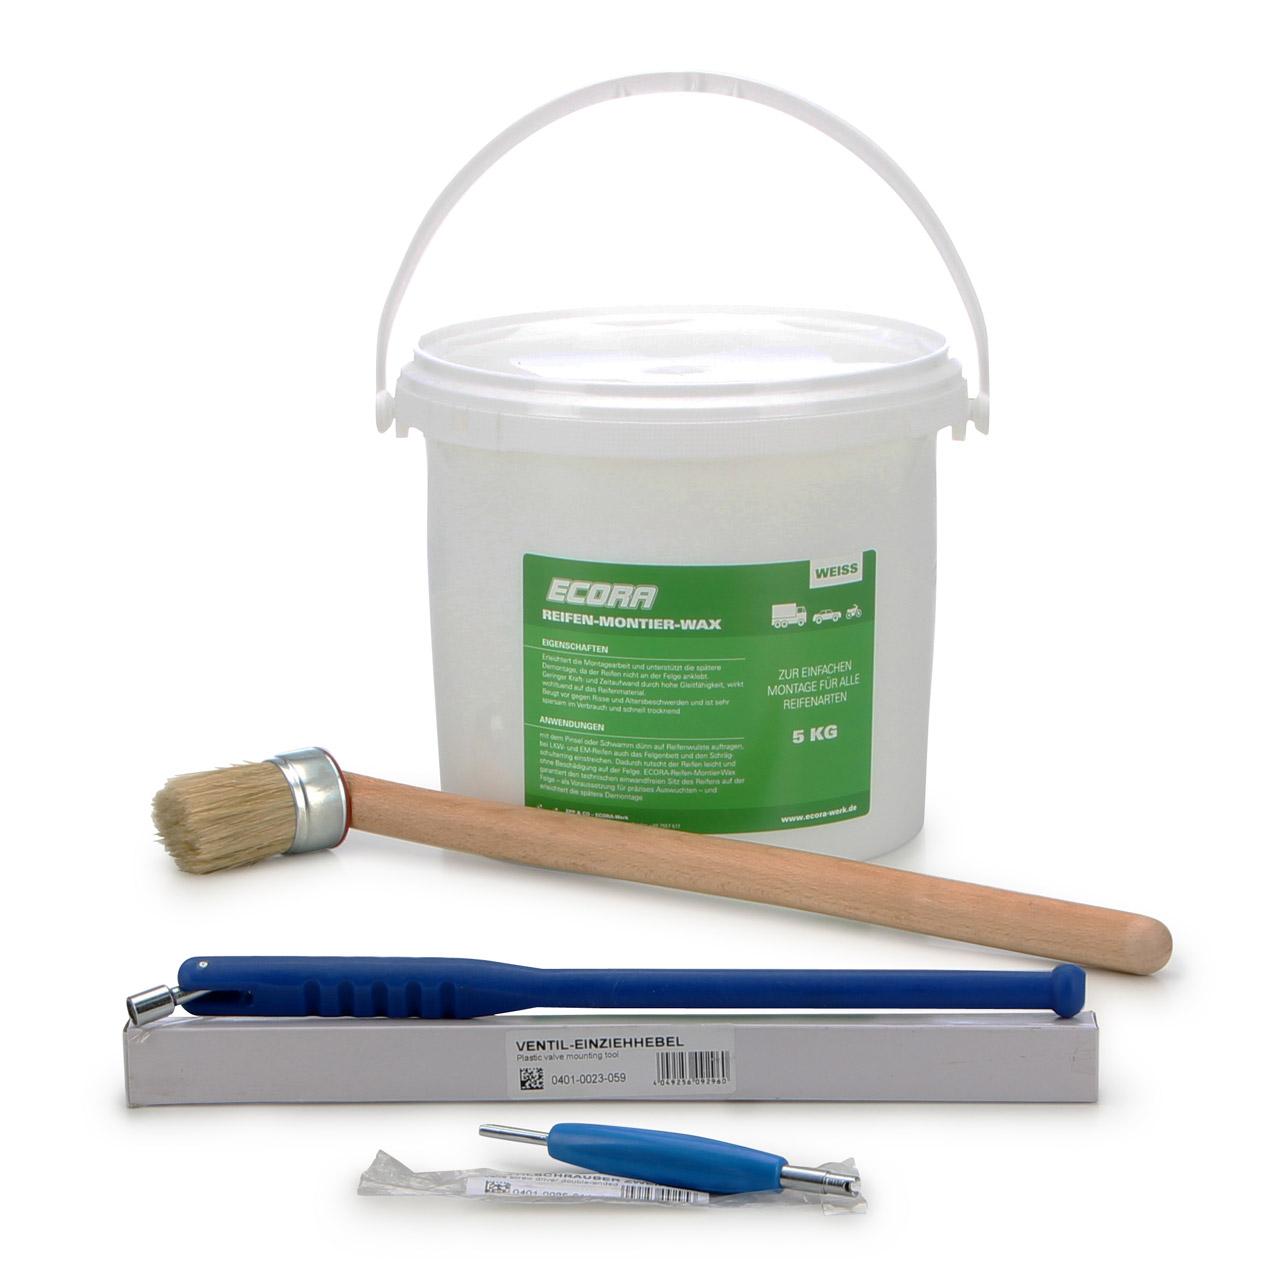 ECORA Reifenmontagepaste WEIß 5 kg + Pinsel + Ventildreher + Ventileinzieher